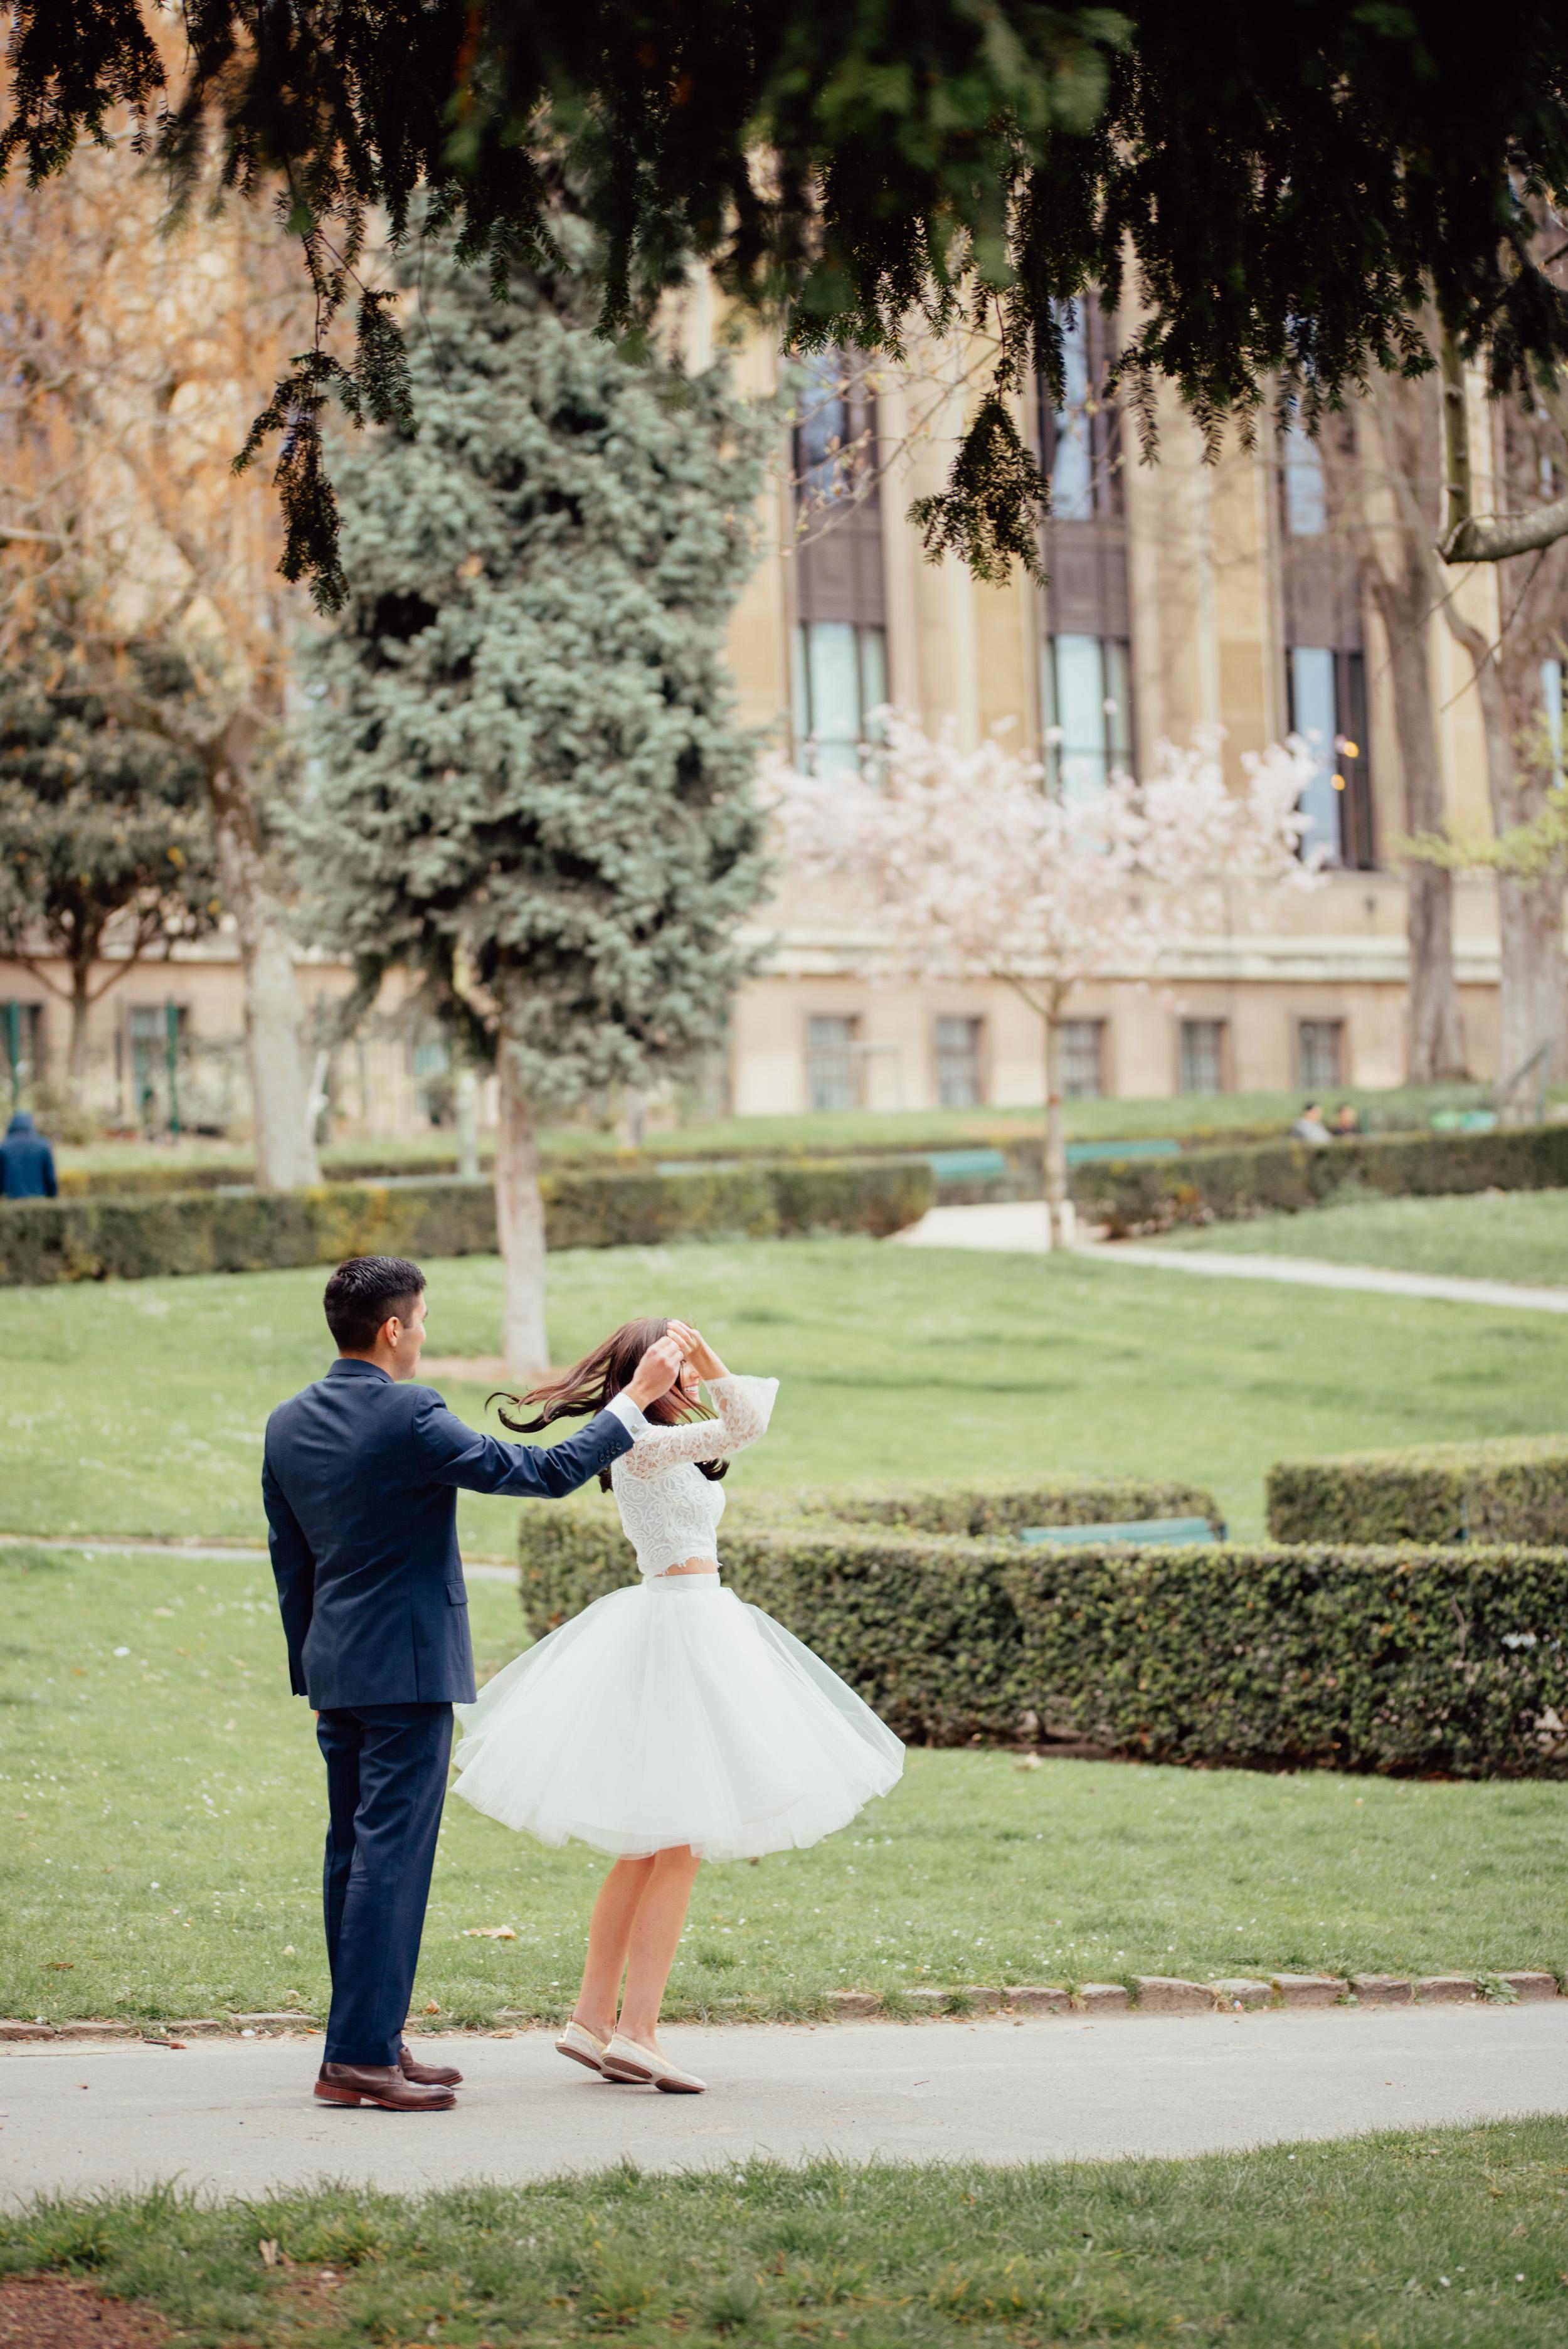 cleland-studios-weddings-42.jpg